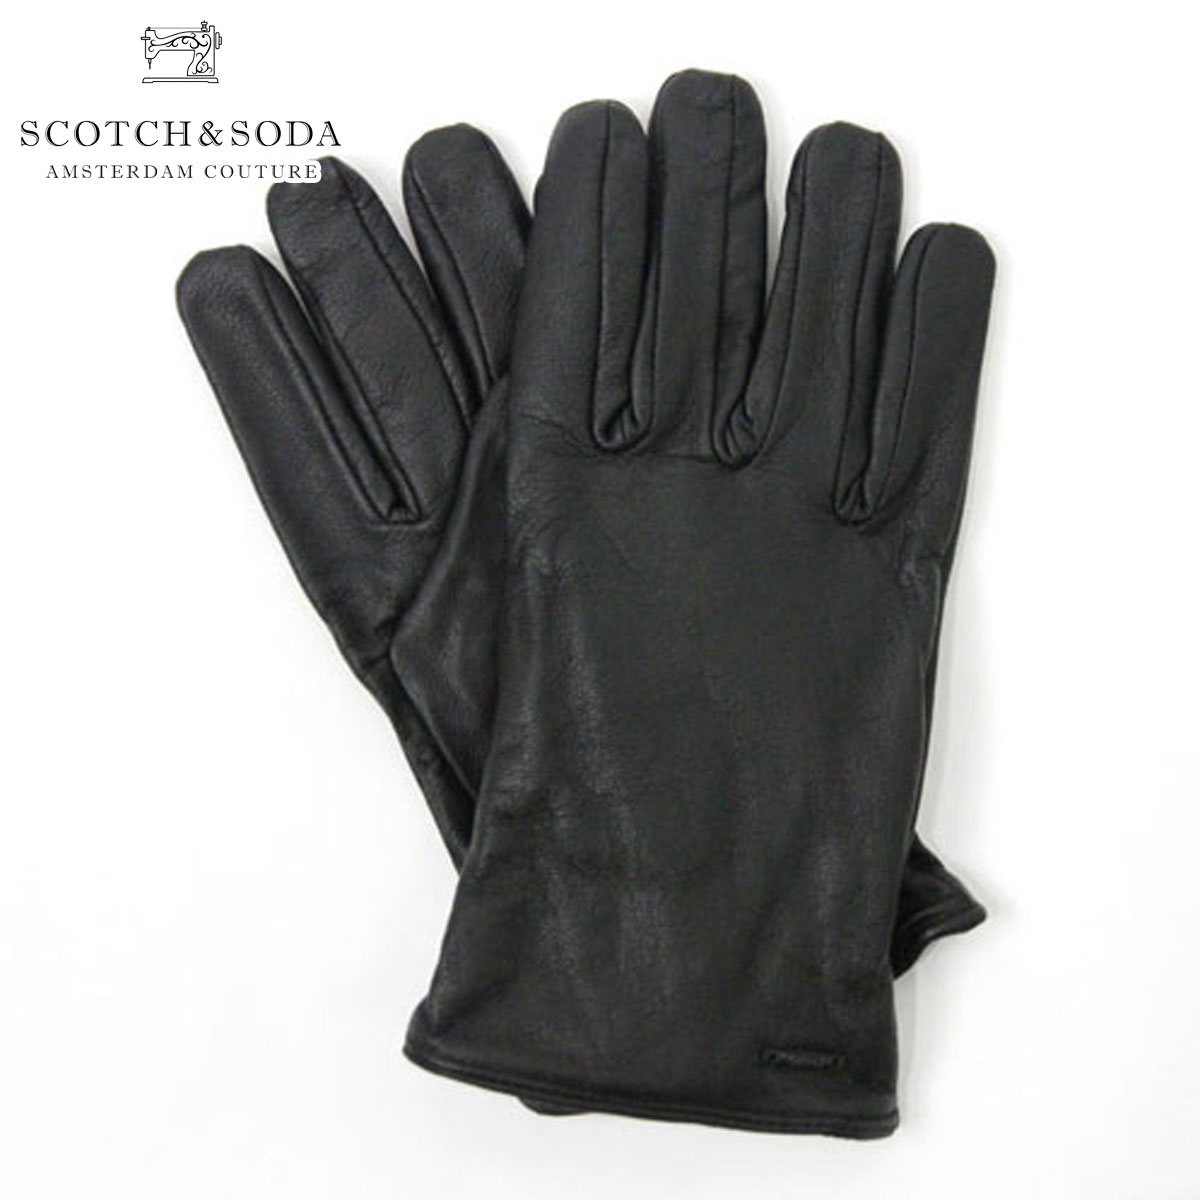 【ポイント10倍 12/4 20:00~12/11 01:59まで】 スコッチアンドソーダ 手袋 メンズ 正規販売店 SCOTCH&SODA グローブ Leather gloves with knitted layer inside 79182 90